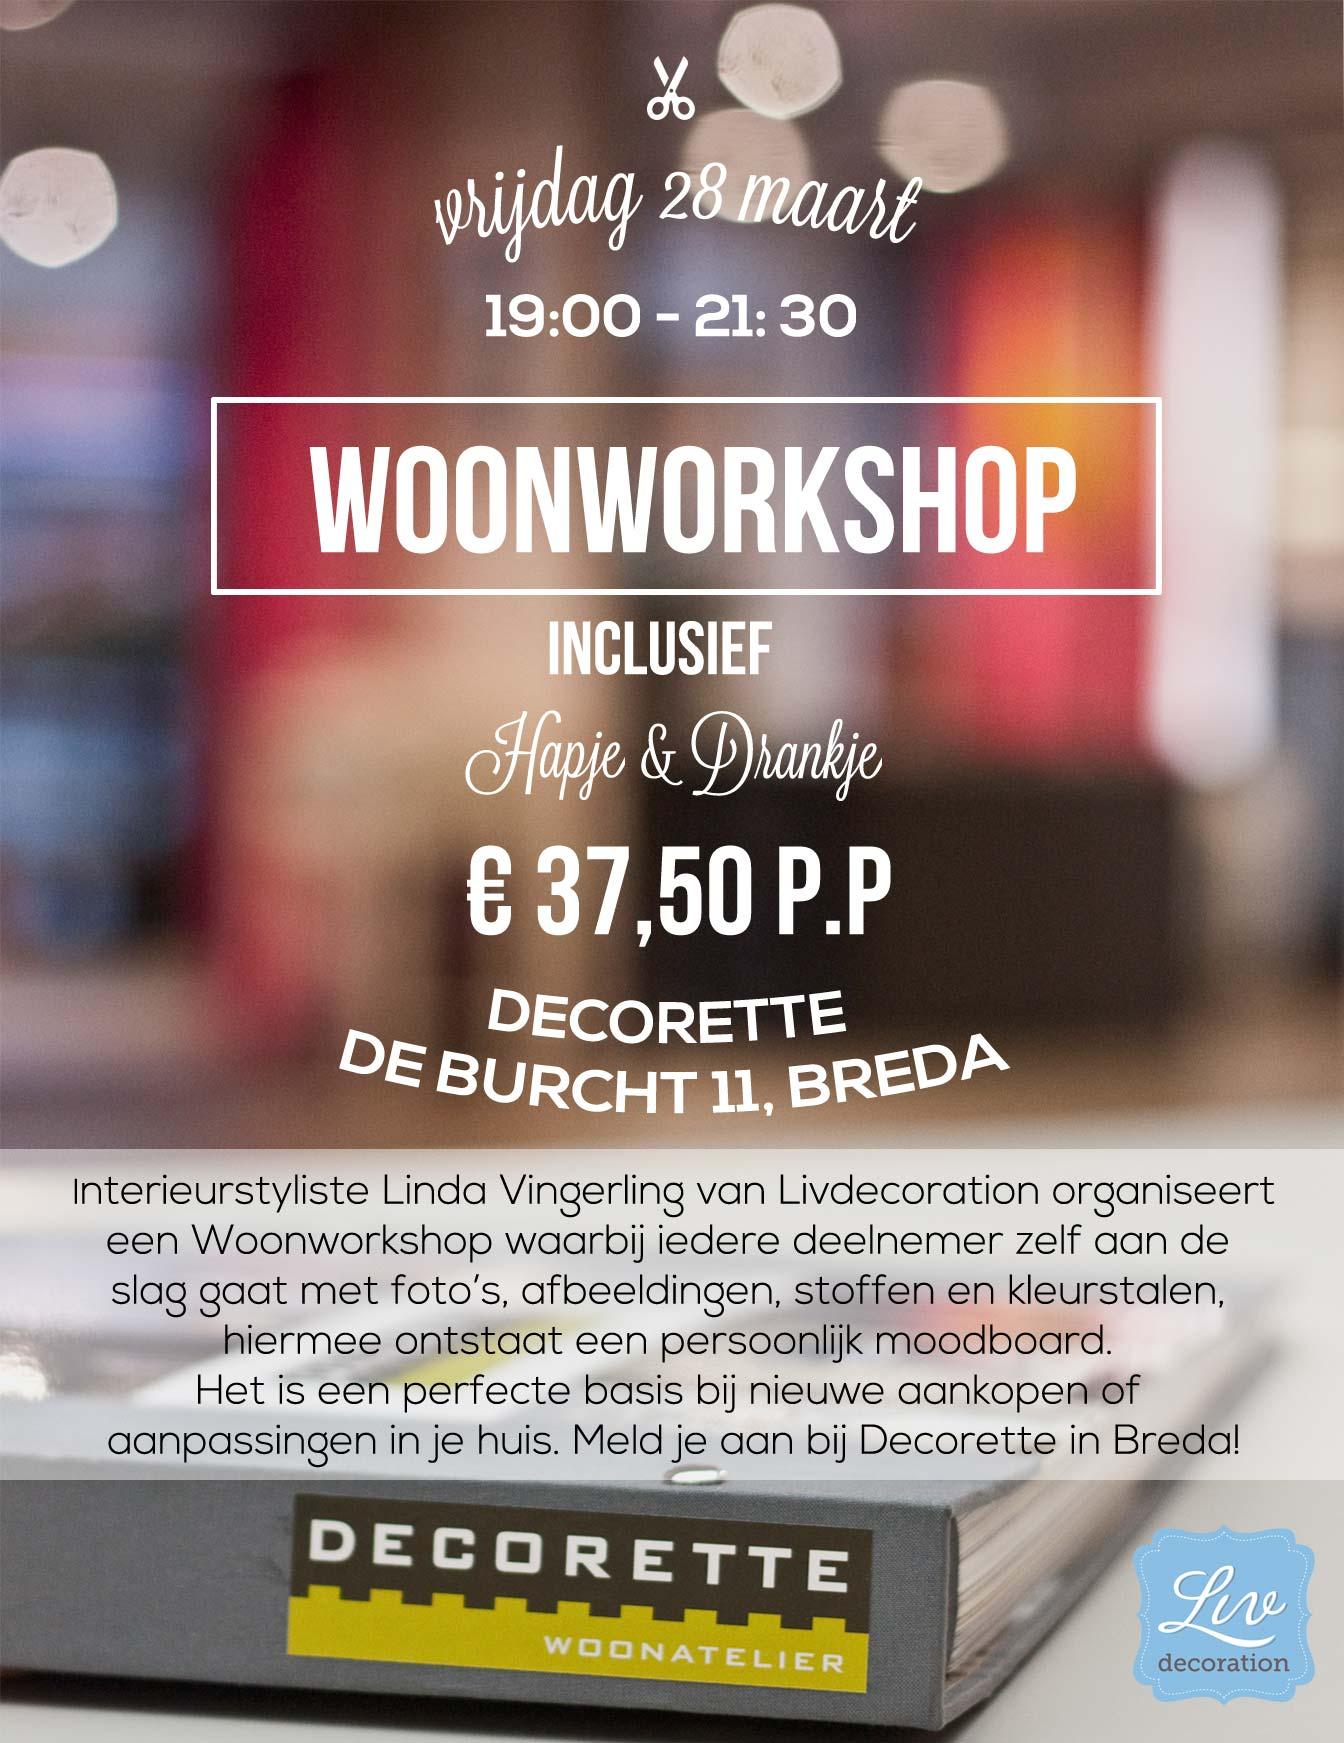 flyer_Woonworkshop